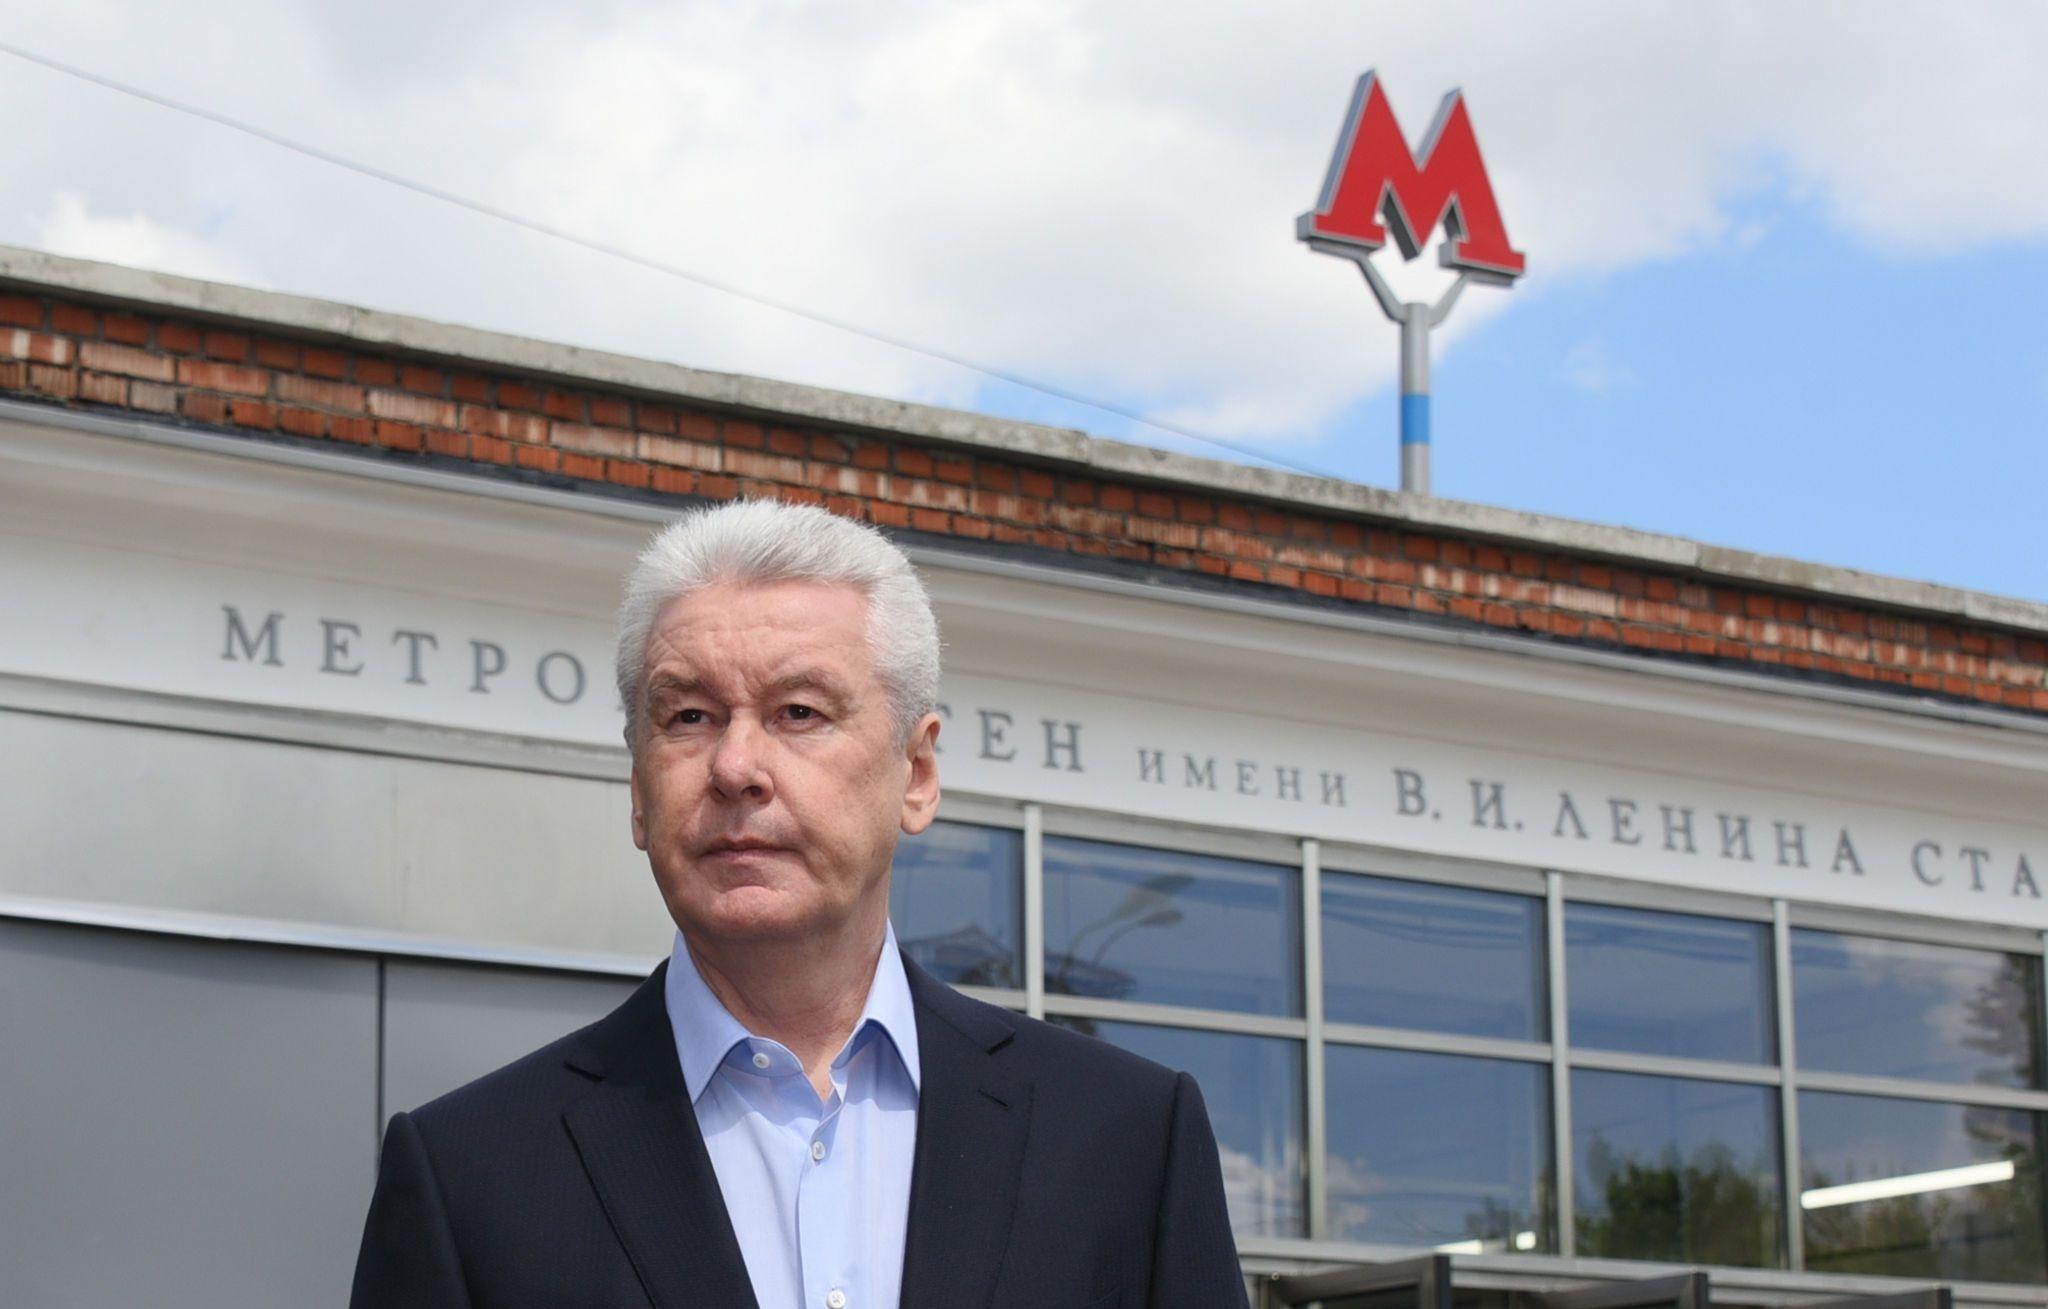 Сергей Собянин поздравил московское метро с 84-летием